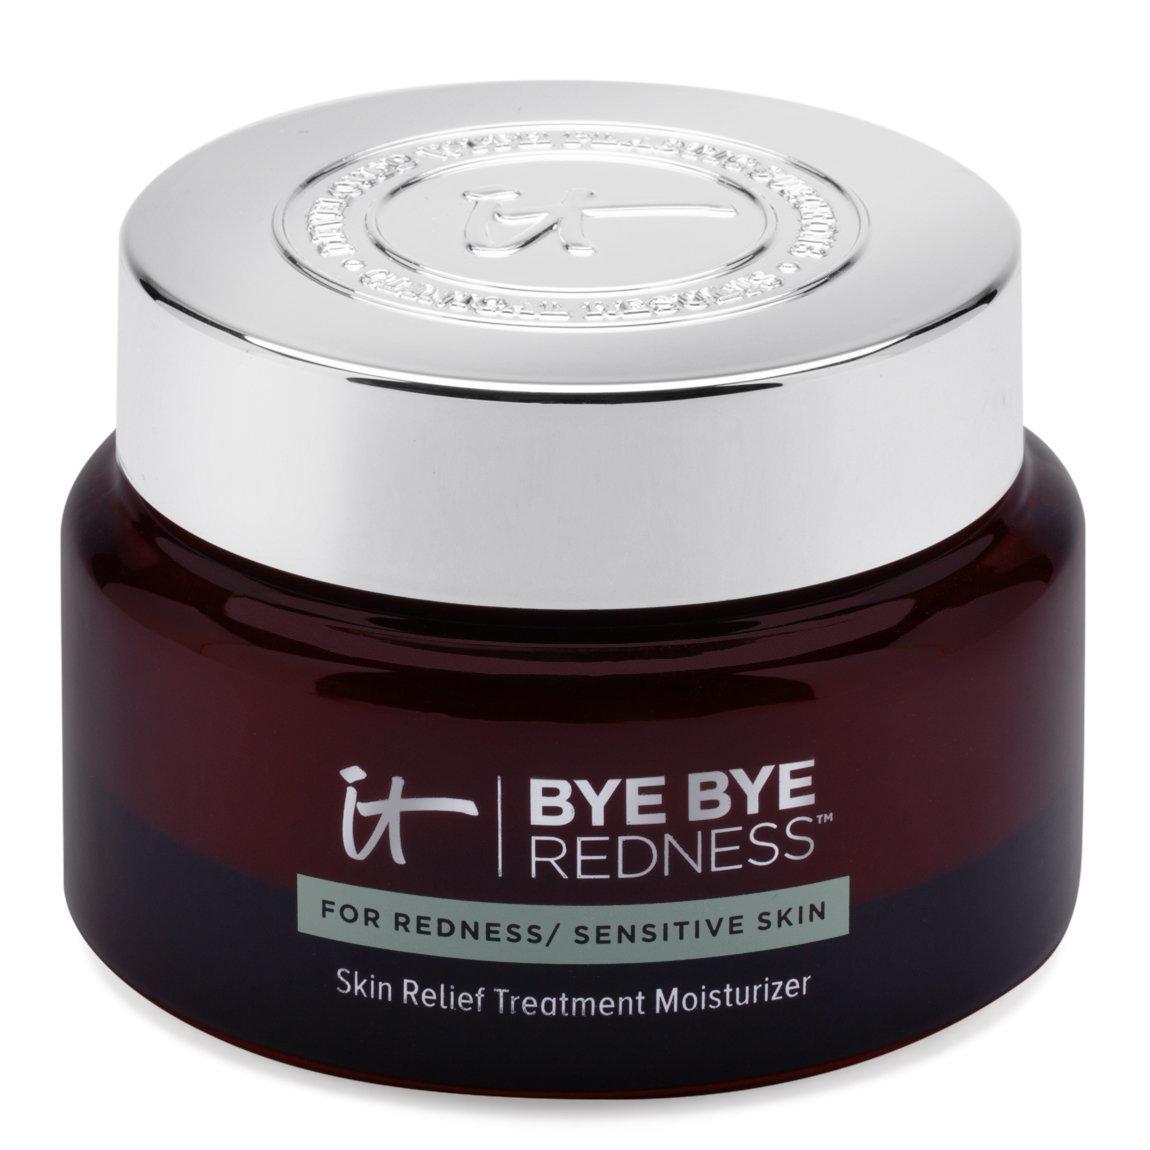 IT Cosmetics  Bye Bye Redness Skin Relief Treatment Moisturizer alternative view 1 - product swatch.